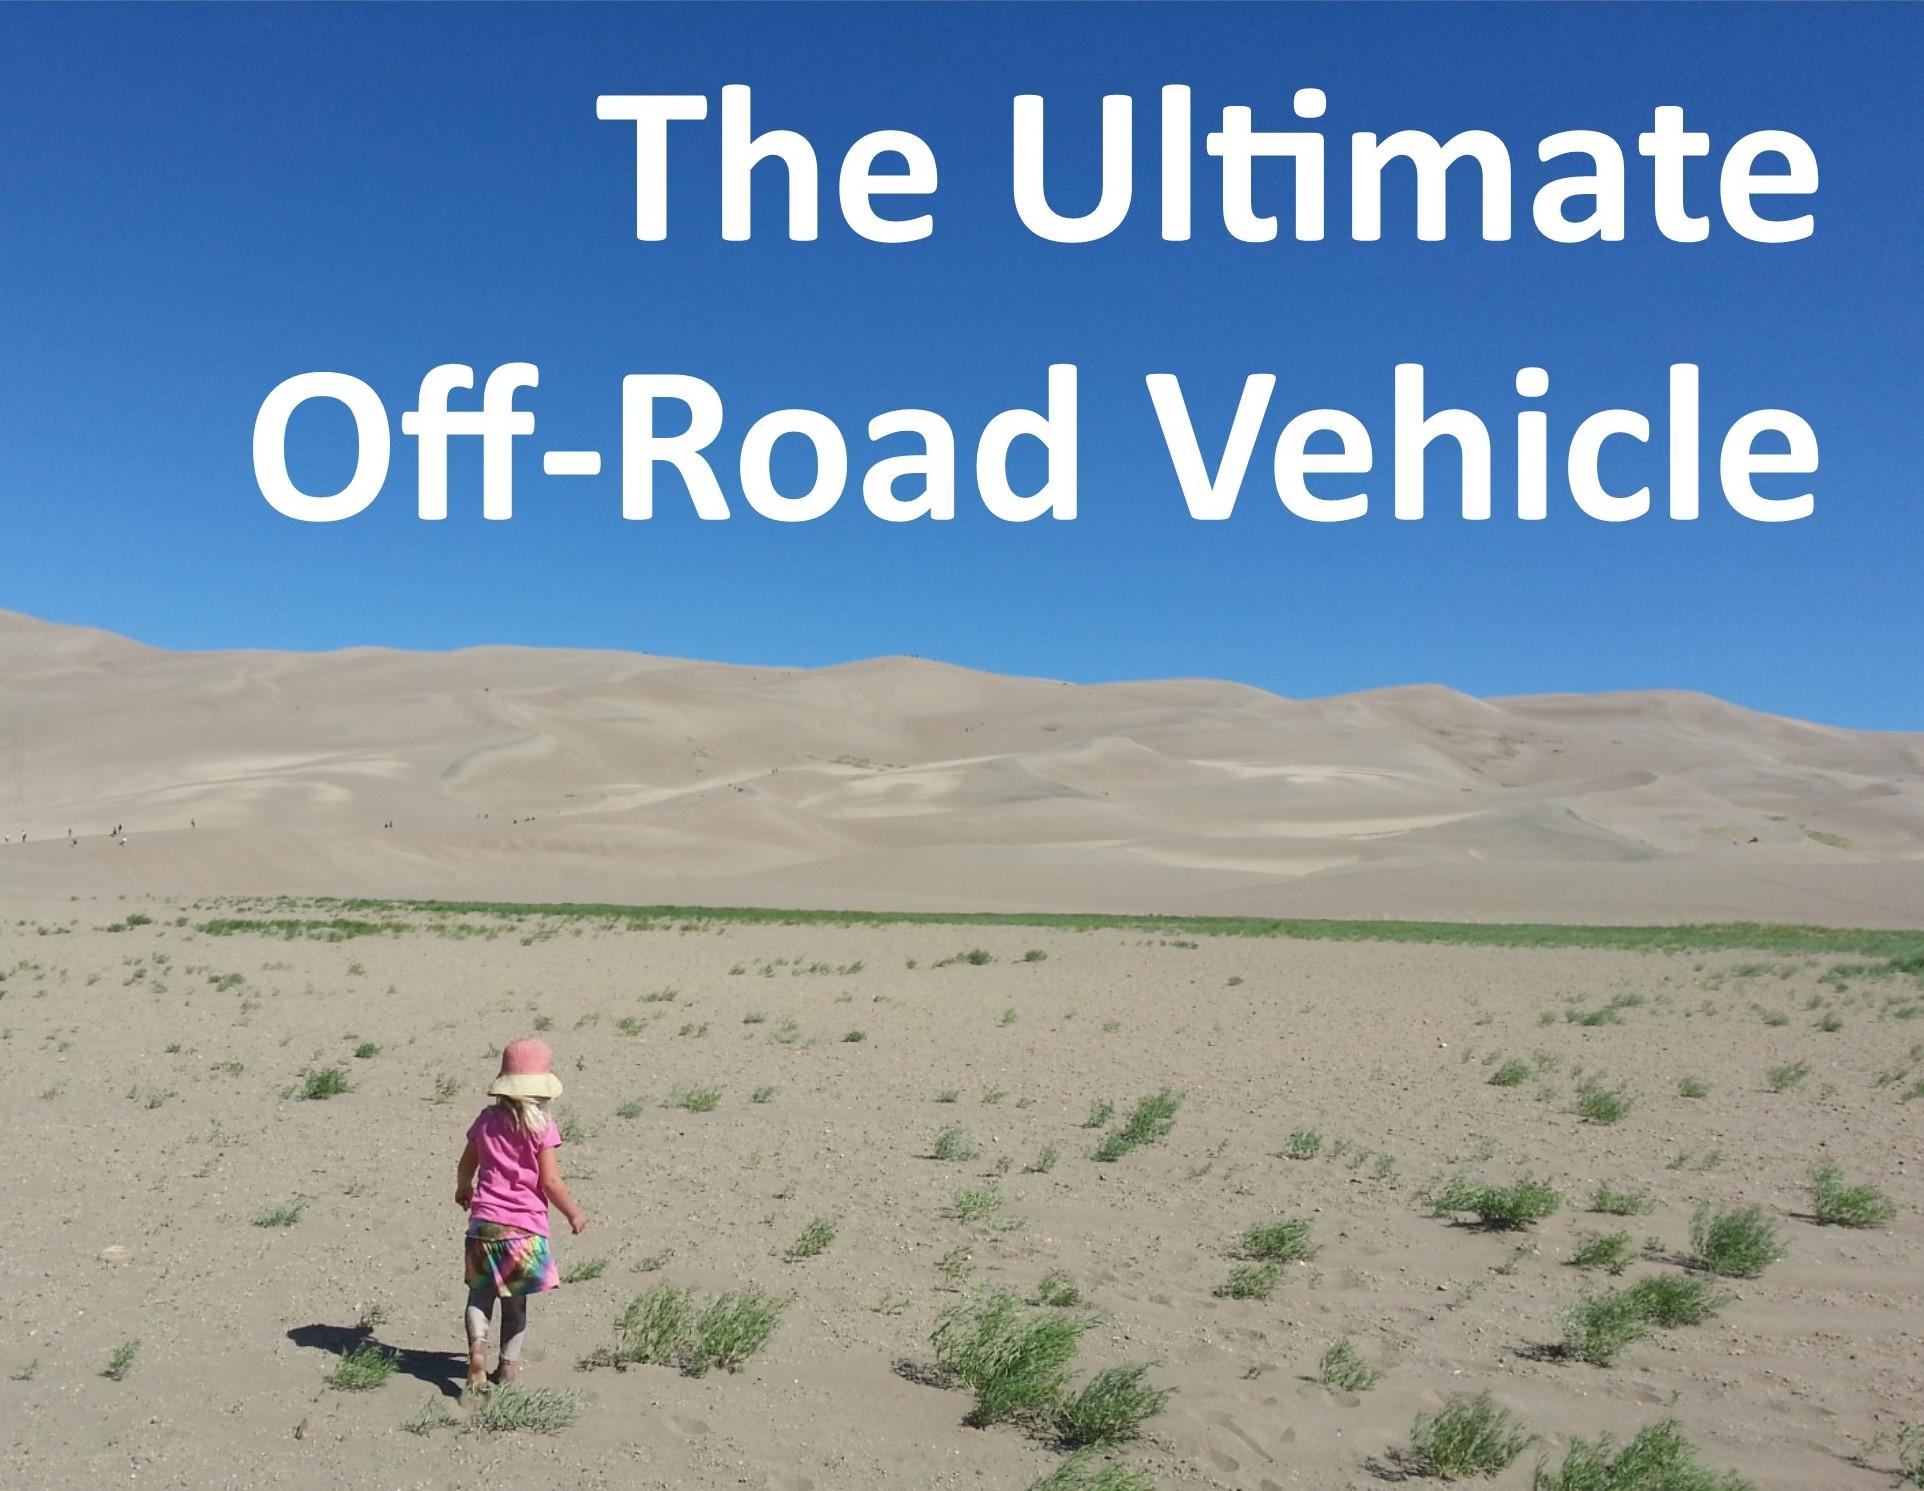 Off Road Vehicle.jpg